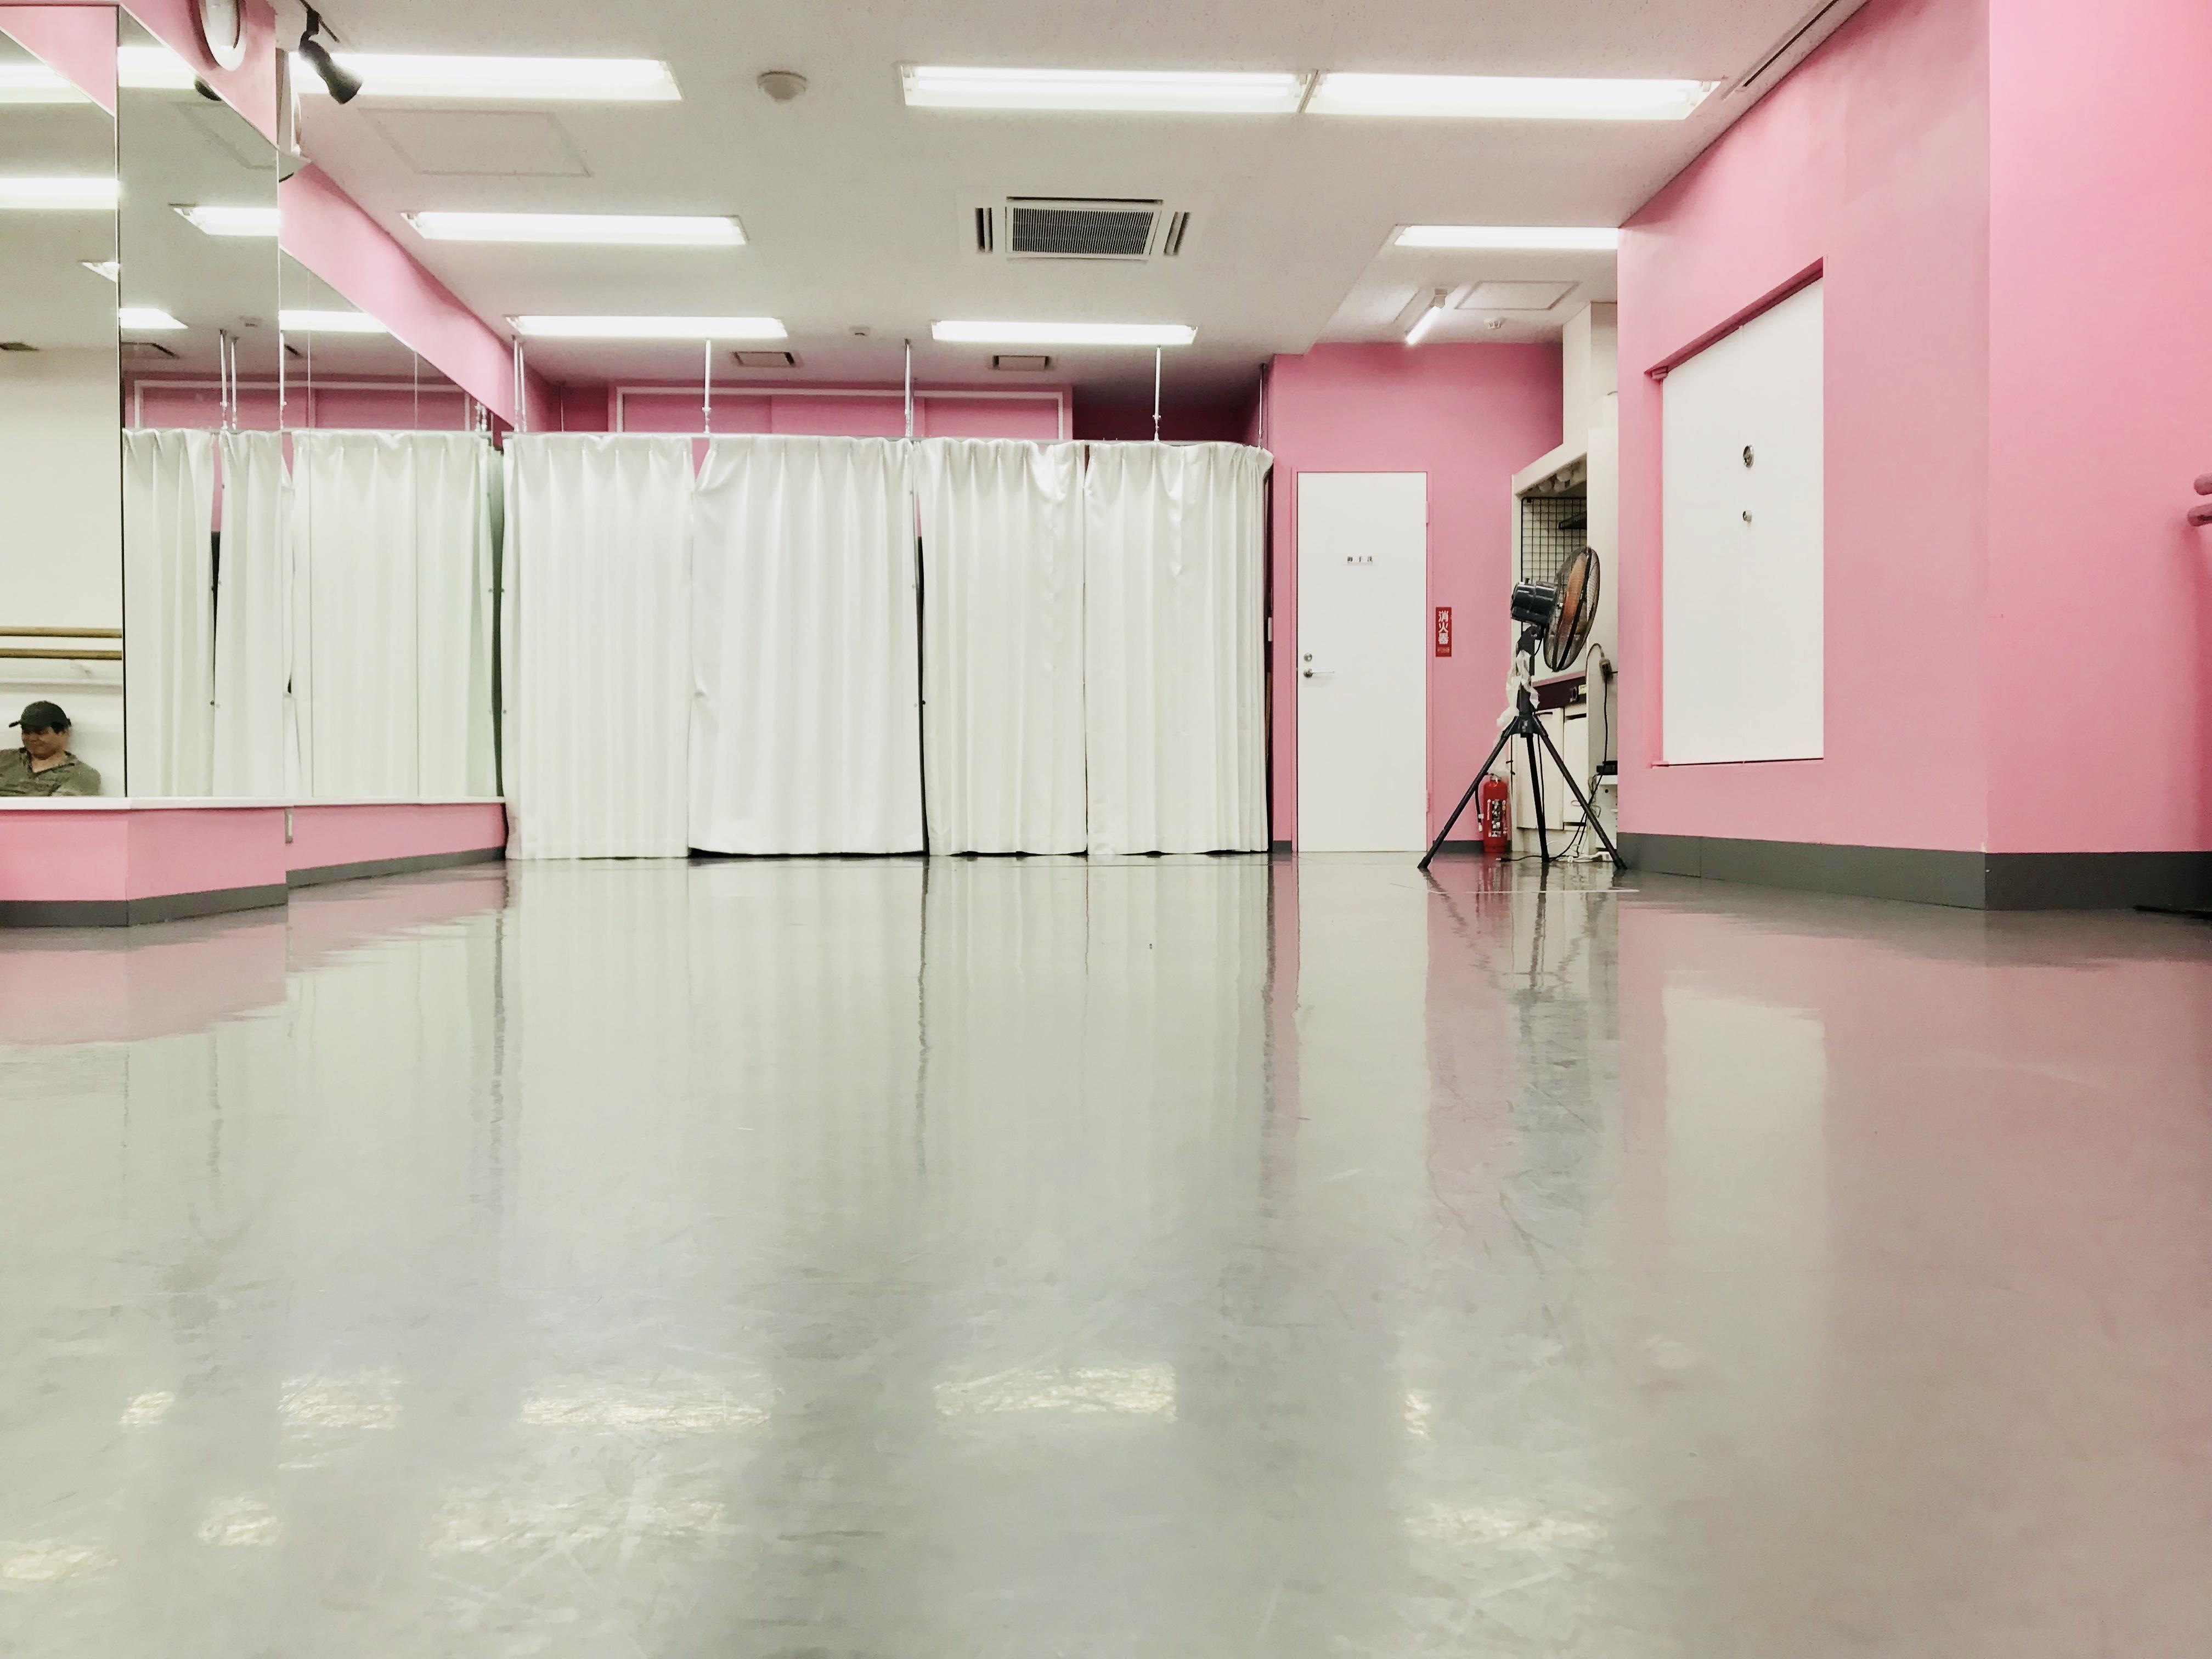 千代田区 秋葉原の貸しレンタルダンススタジオ ブルーハススタジオ 右7